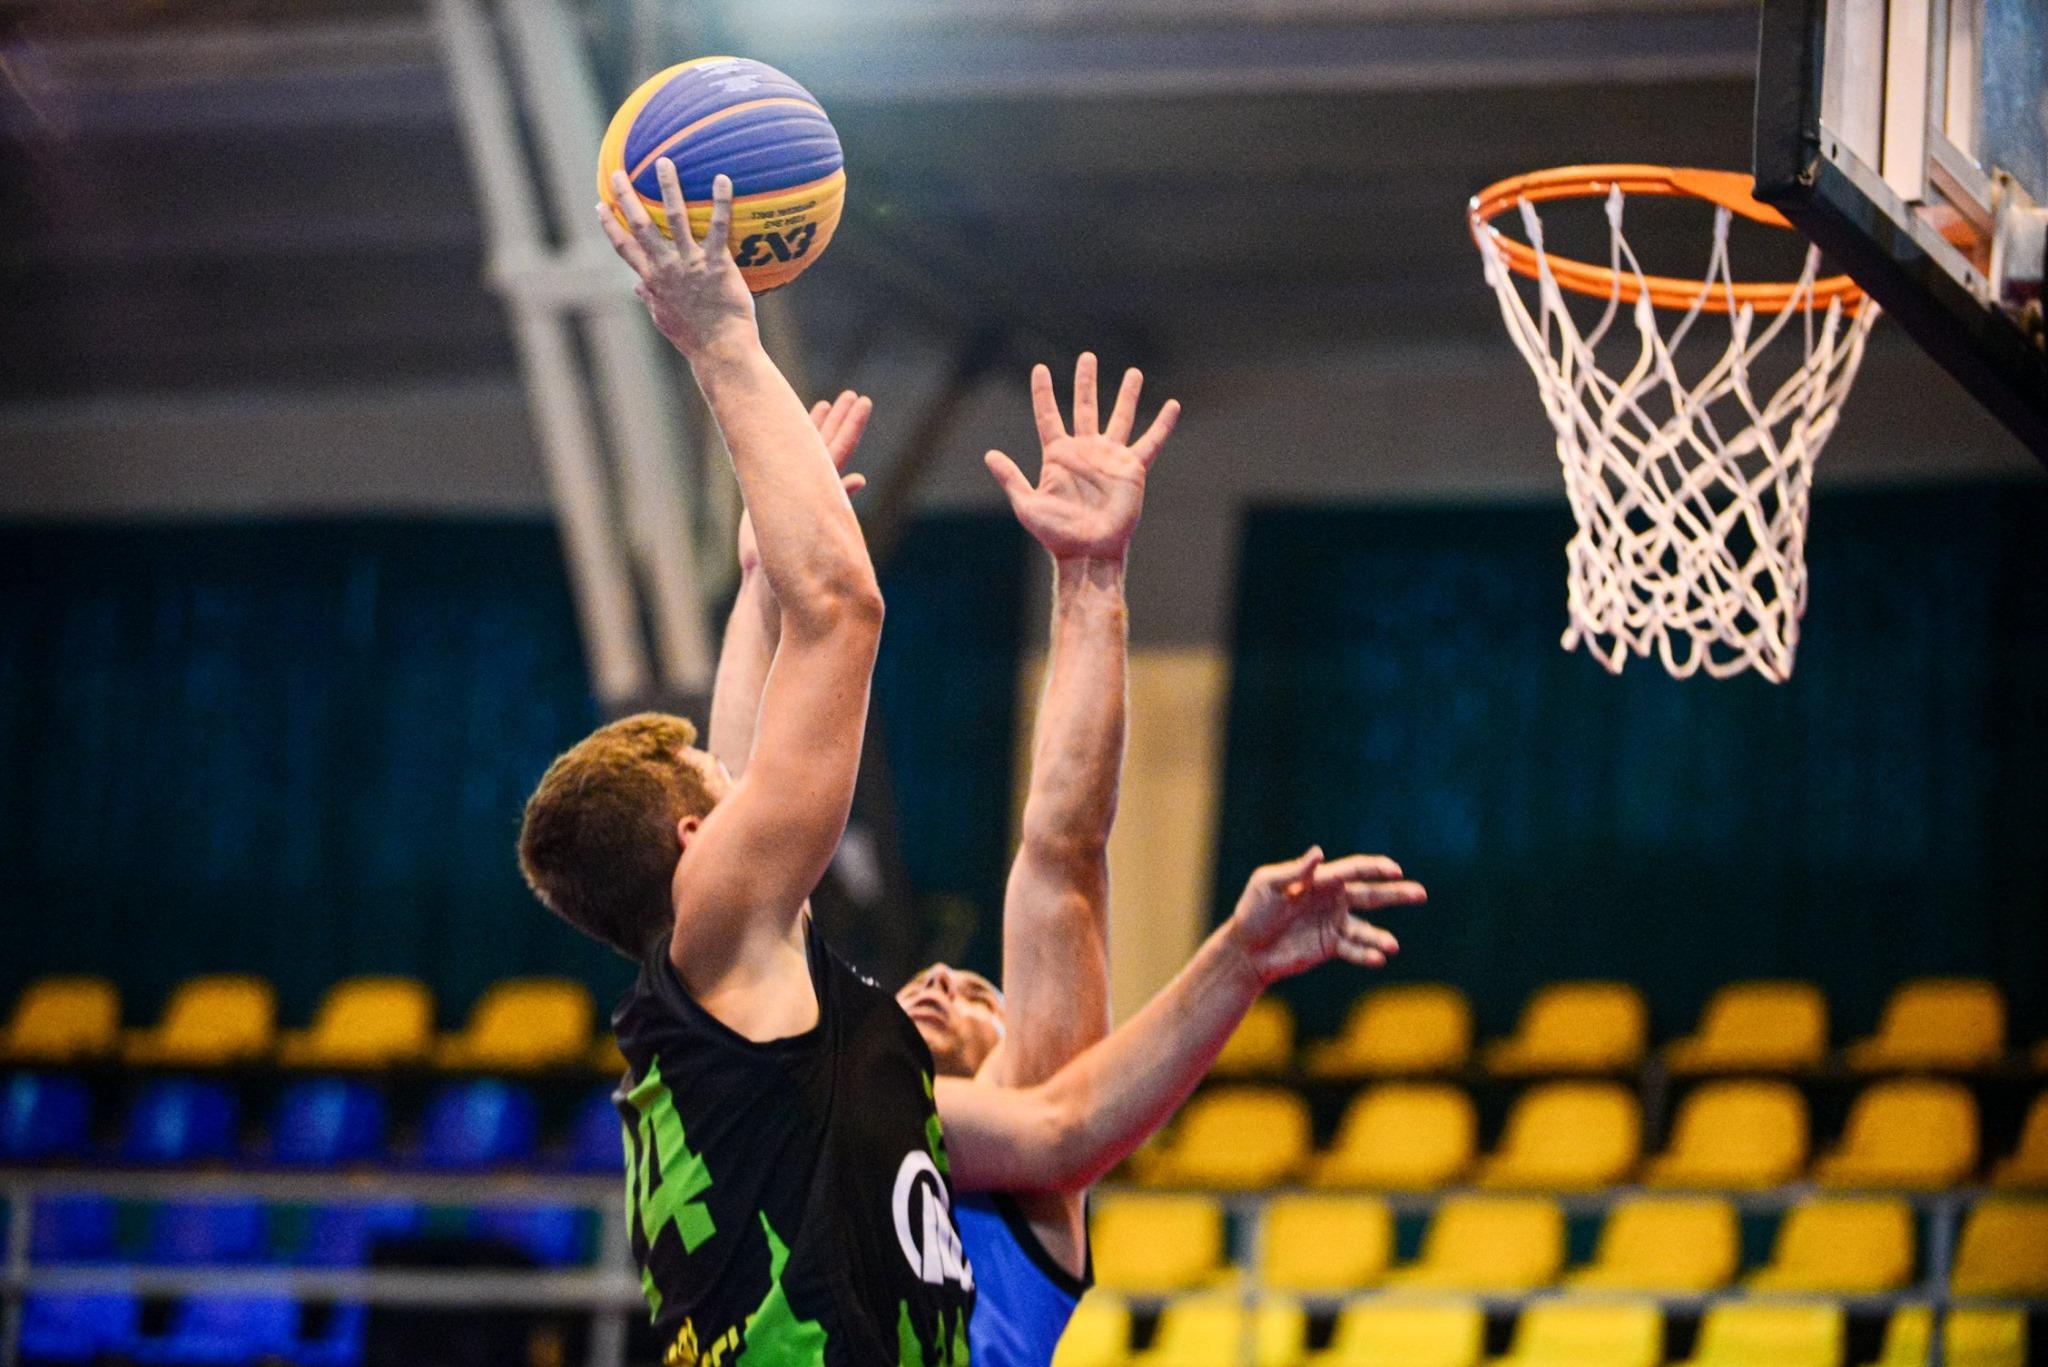 Кубок України з баскетболу 3х3 серед молодіжних команд: розклад та відеотрансляція матчів 16 листопада